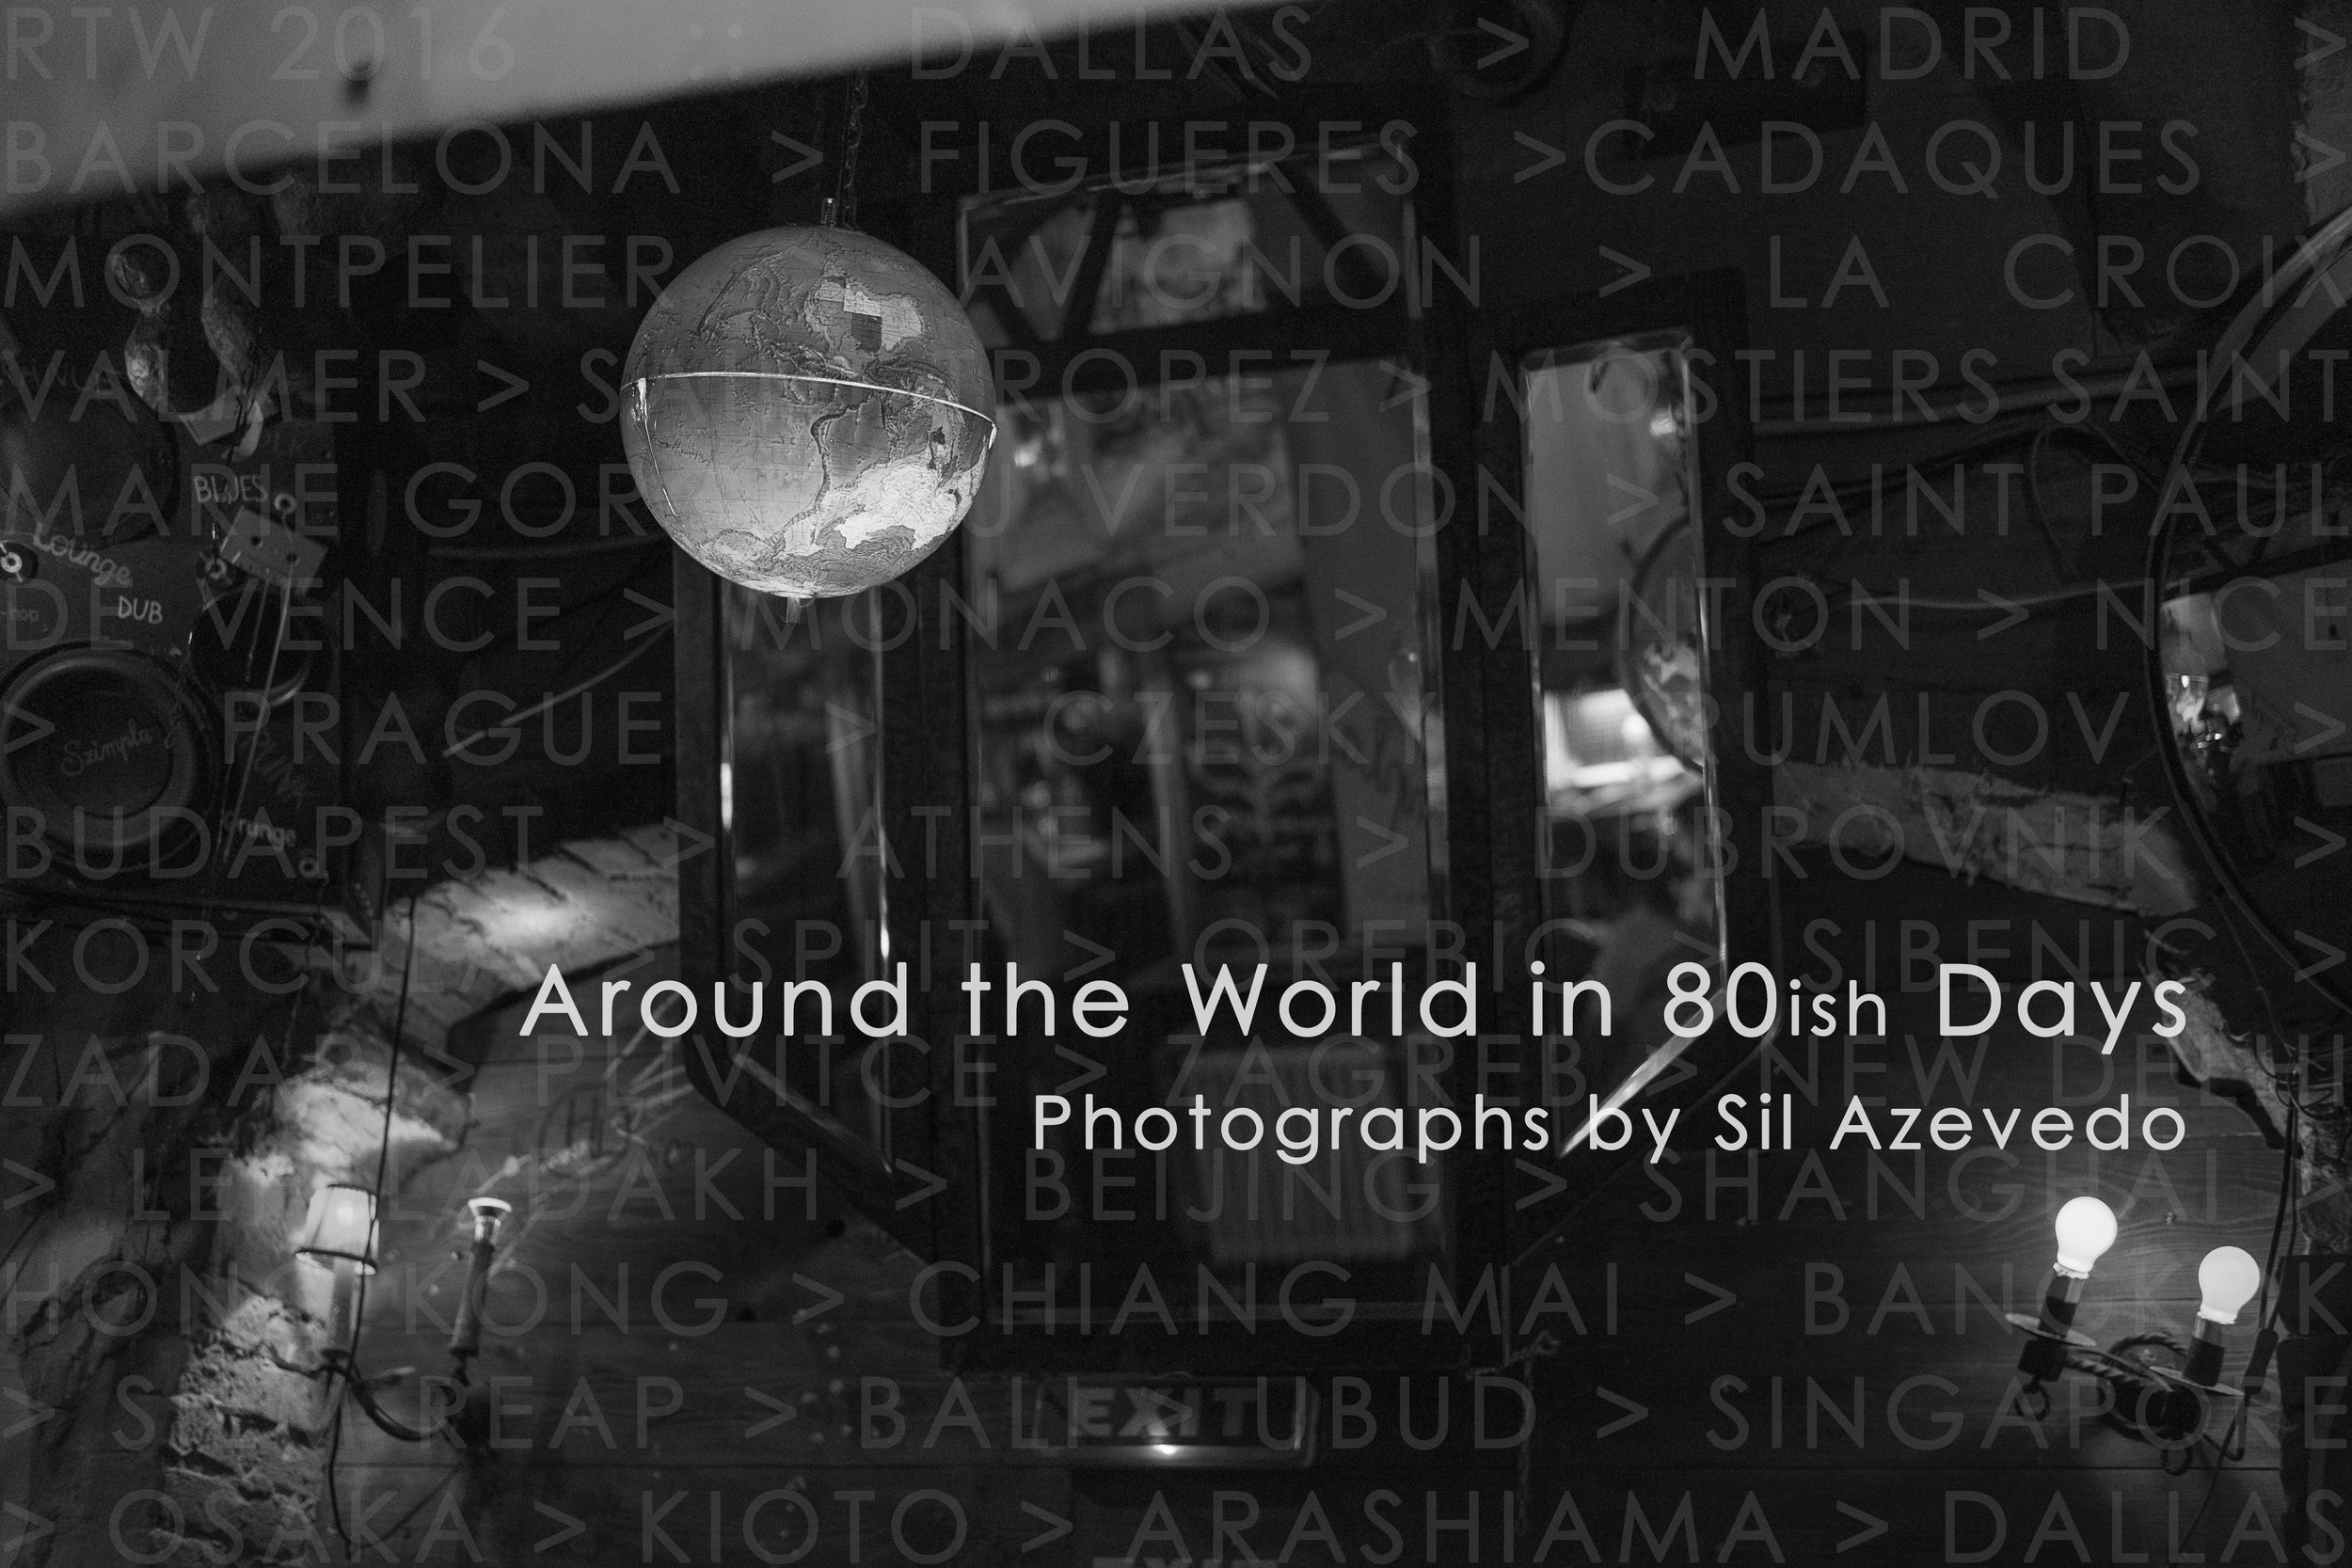 aorund-the-world-photo-exhibit.jpg